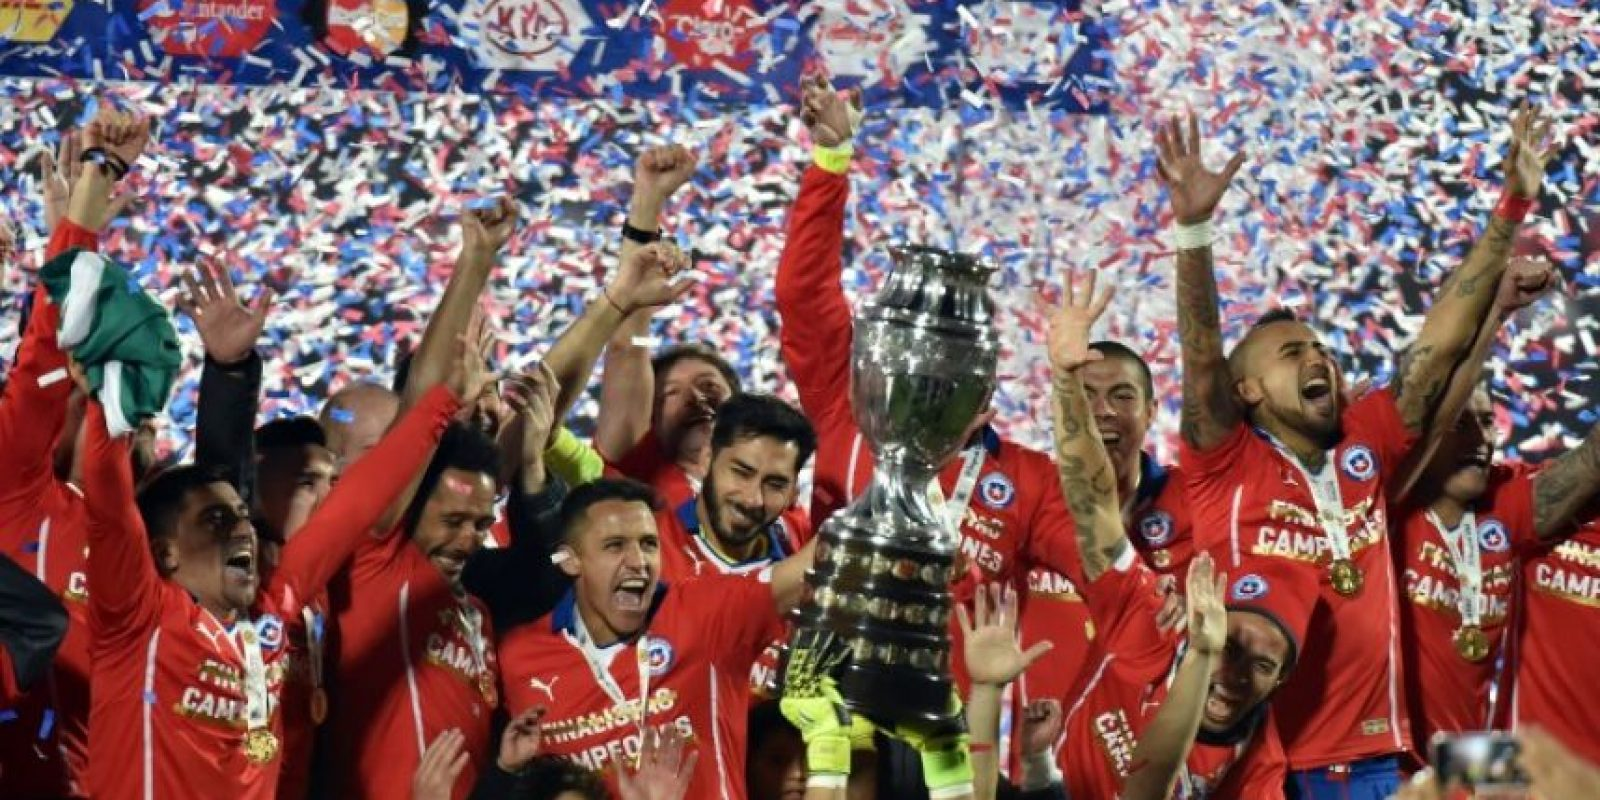 La selección chilena no ha podido repetir los éxitos tras la Copa América y perdió los dos partidos amistosos previos a la Copa América Centenario Foto:AFP. Imagen Por: